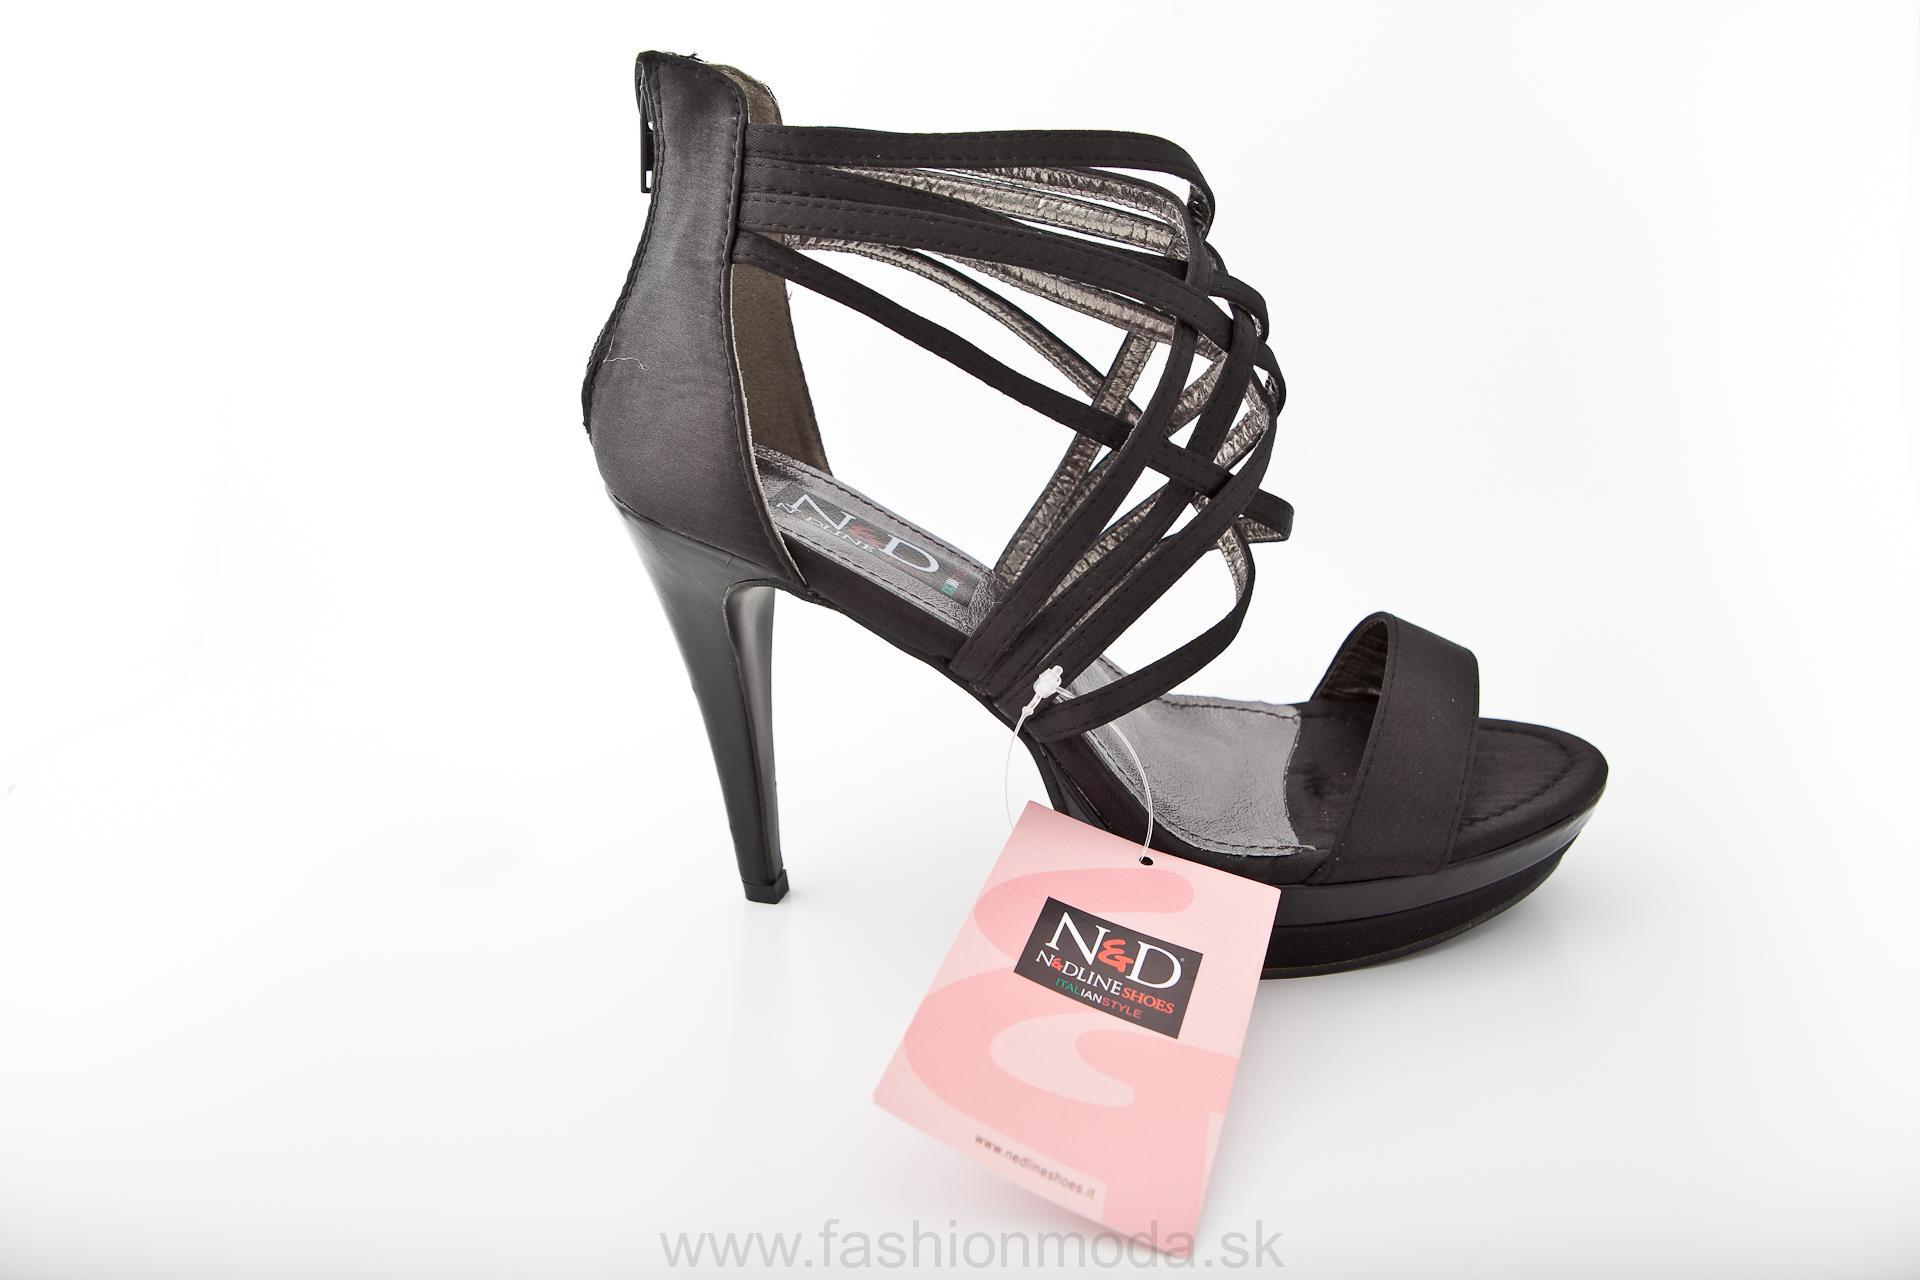 5cf6c995f90e Spoločenské sandále na platforme s ramienkami NEDLINE SHOES 329 čierne